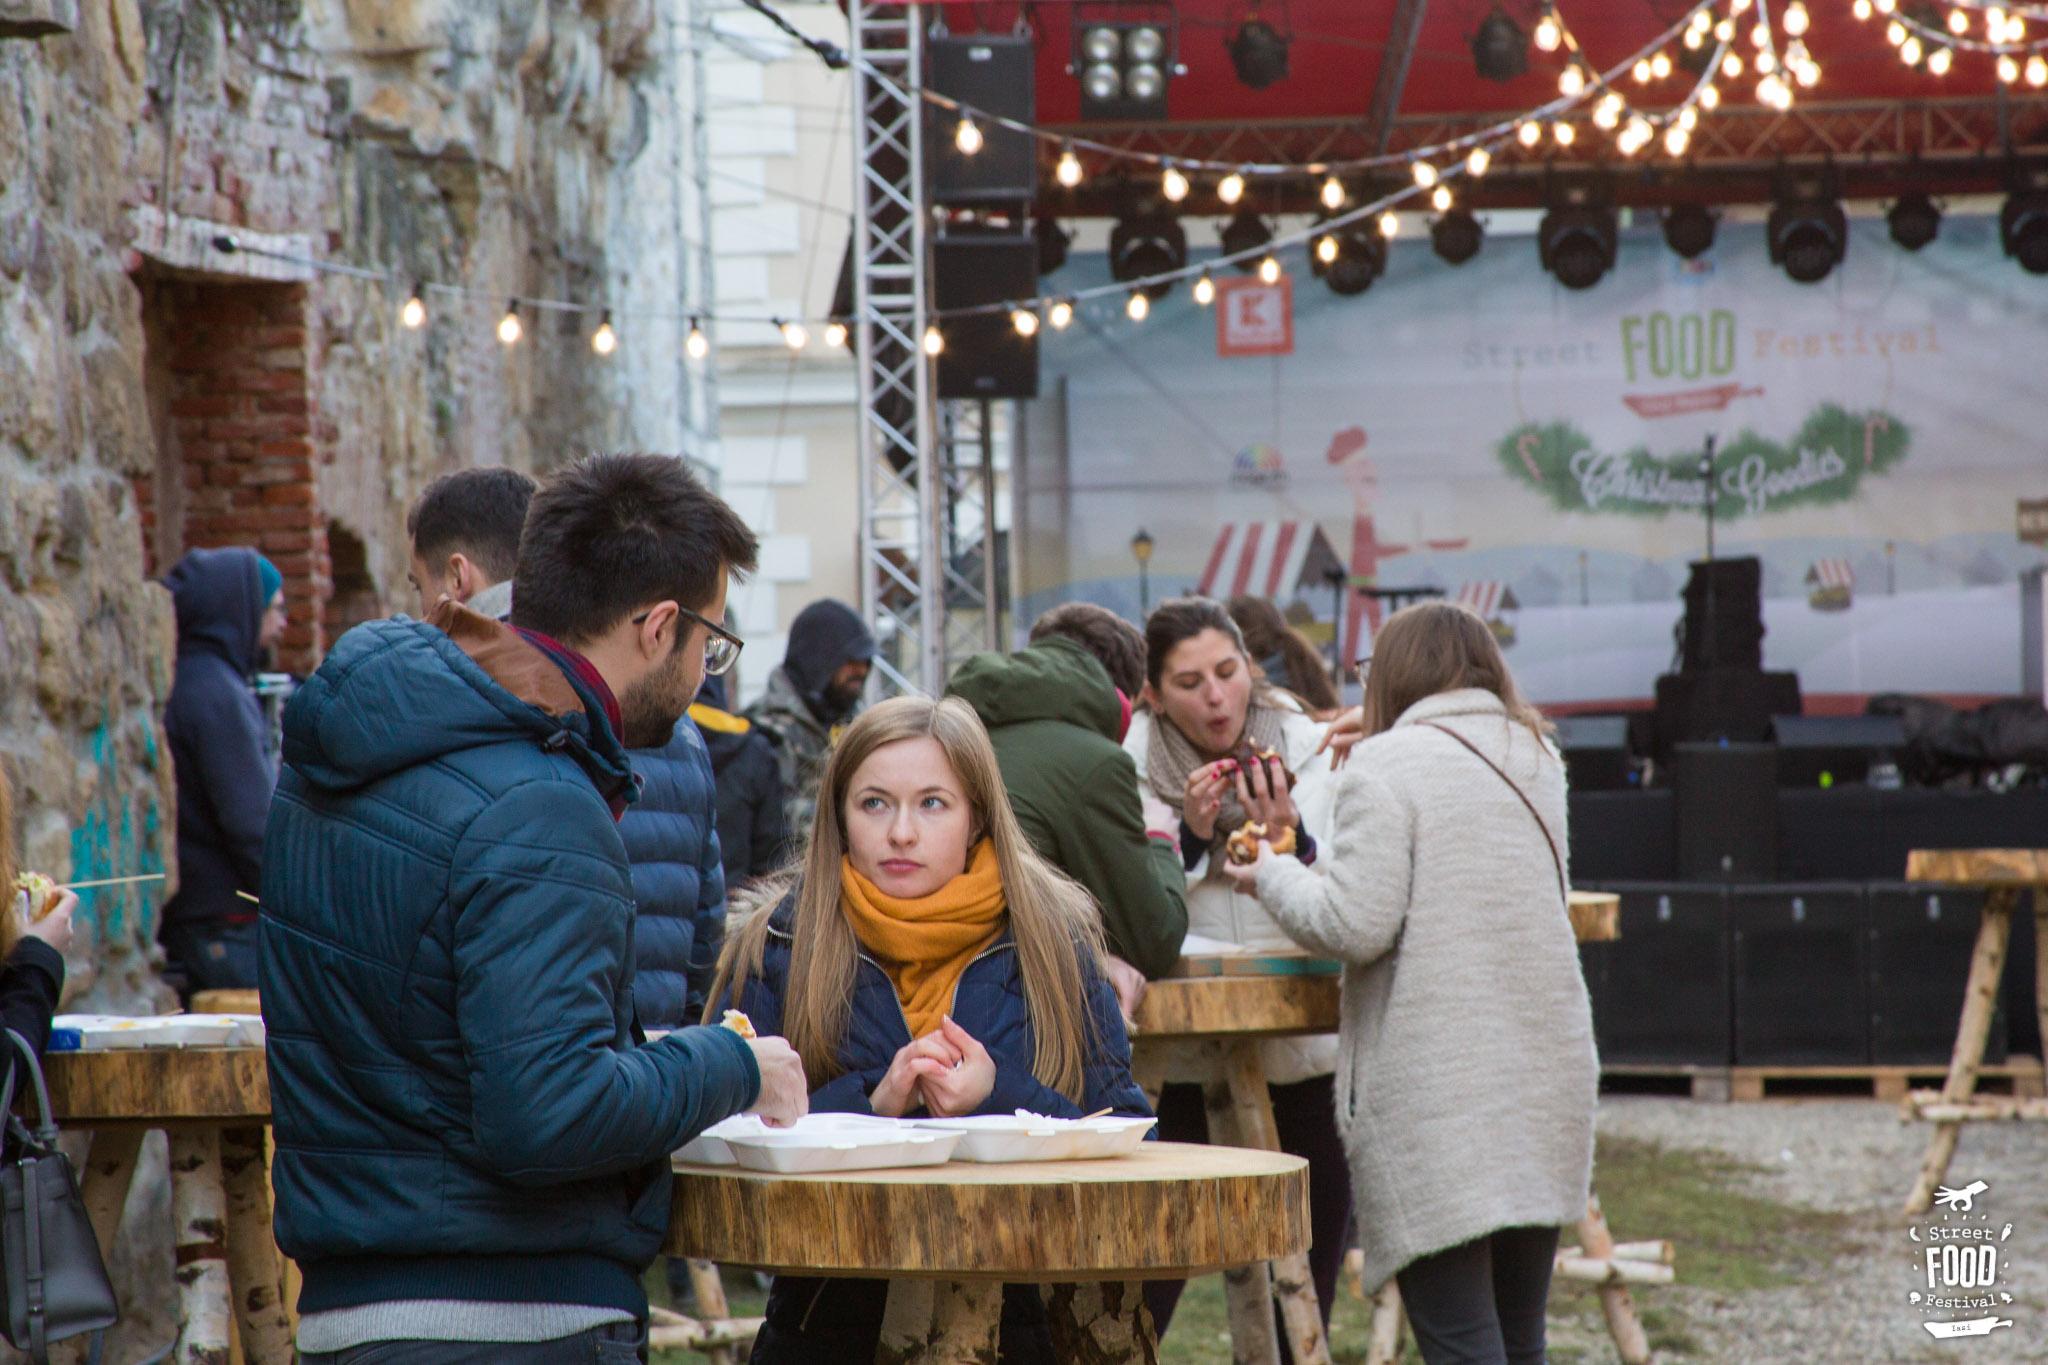 A început ediția de iarnă a Street Food Festival la Cluj-Napoca, pe strada Potaissa